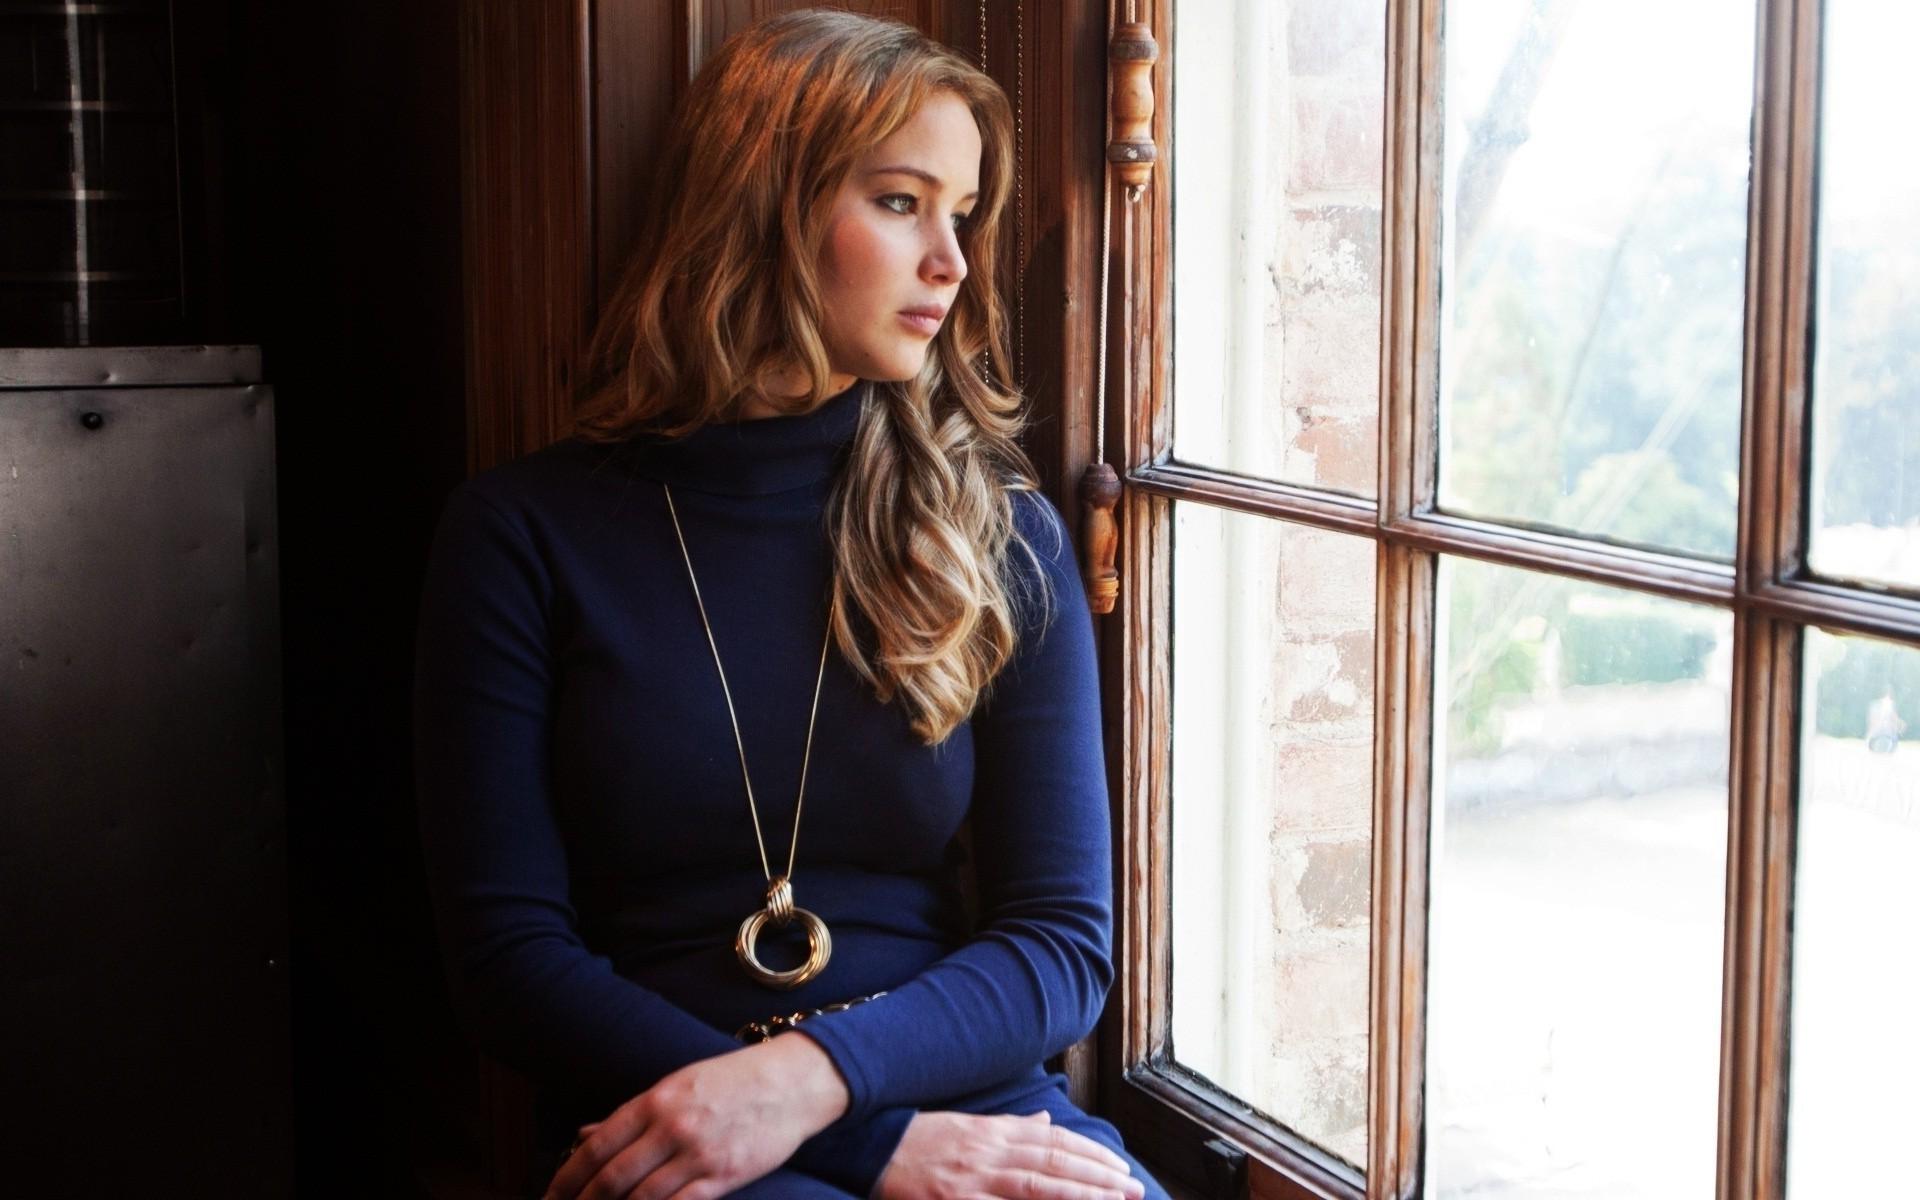 … Jennifer Lawrence; Jennifer Lawrence